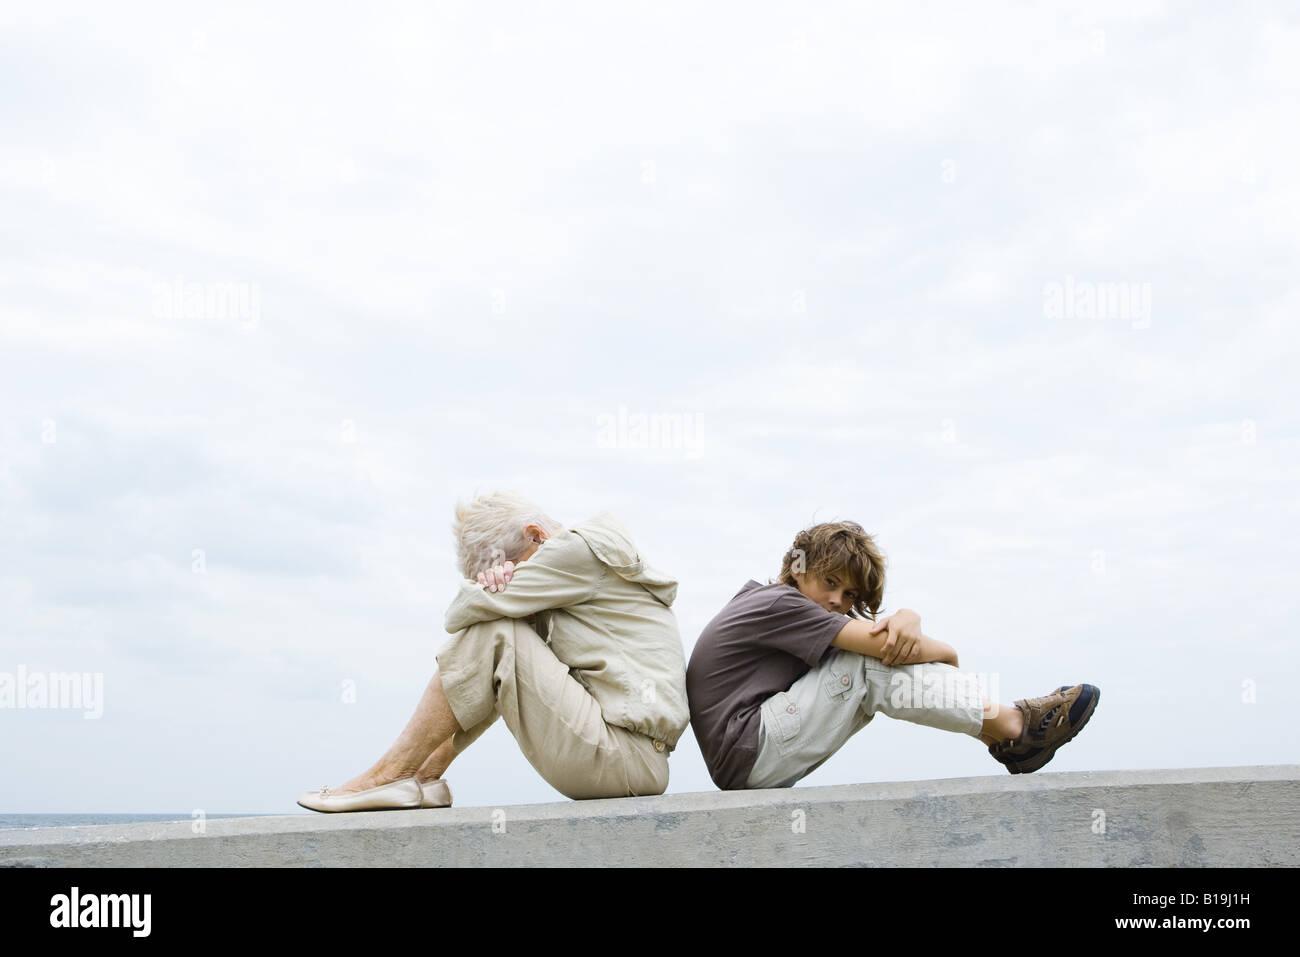 Großmutter und Enkel sitzen Rücken an Rücken, Kopf, Arme verschränkt, junge Blick in die Kamera Stockbild